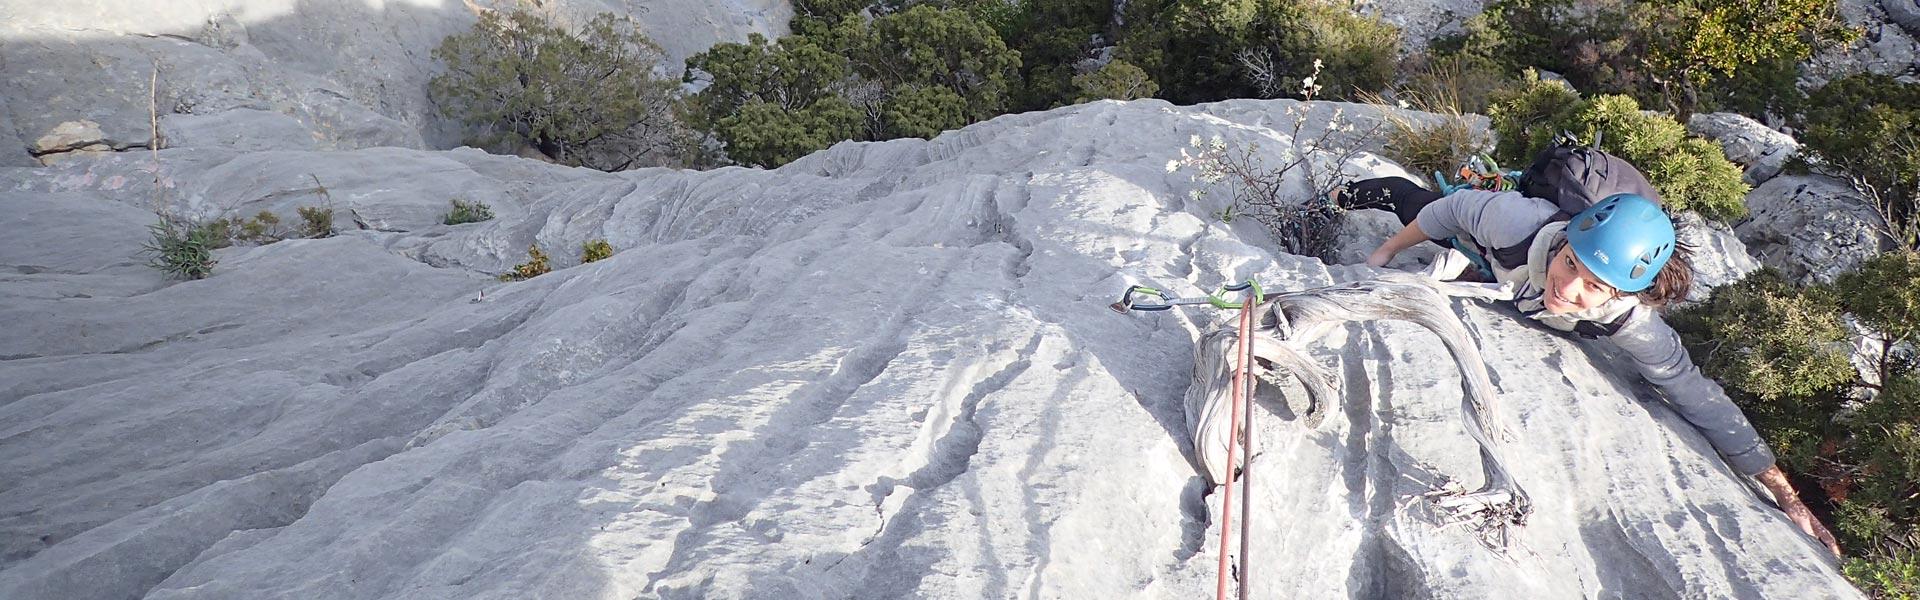 Escalade à Grenoble en Isère, Vertic'O